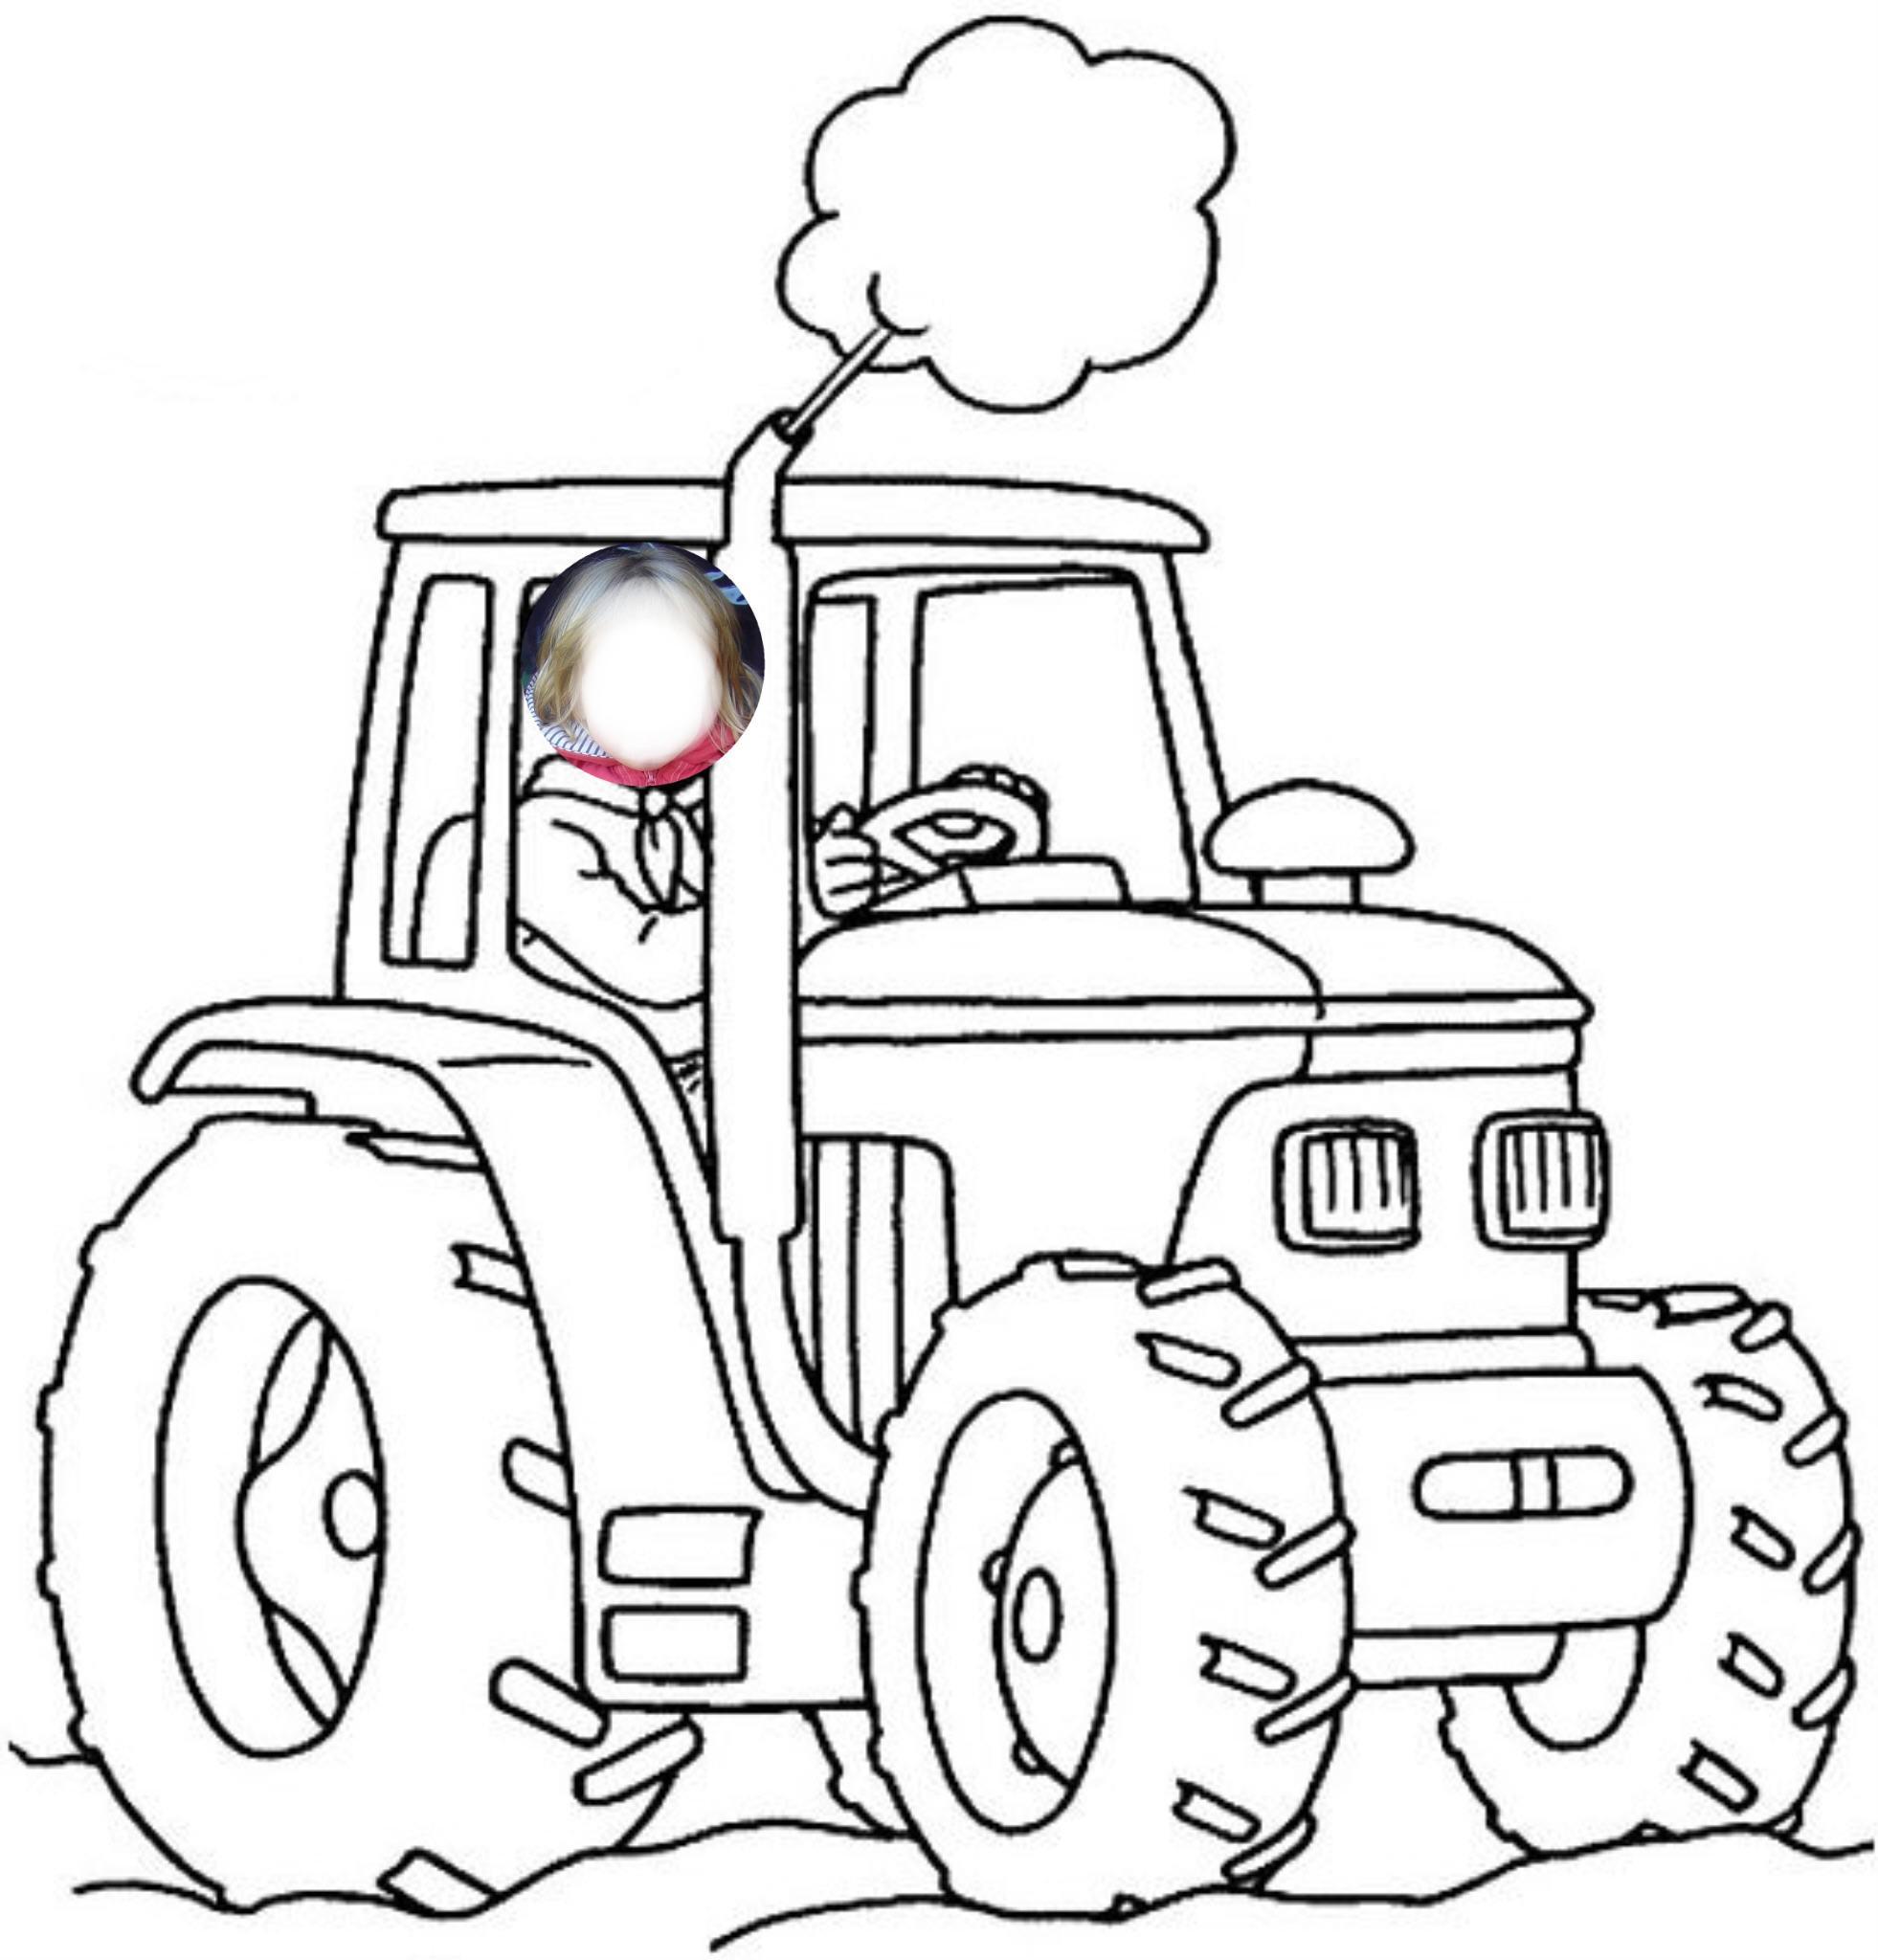 Dessins Gratuits À Colorier - Coloriage Tracteur À Imprimer pour Tracteur À Colorier